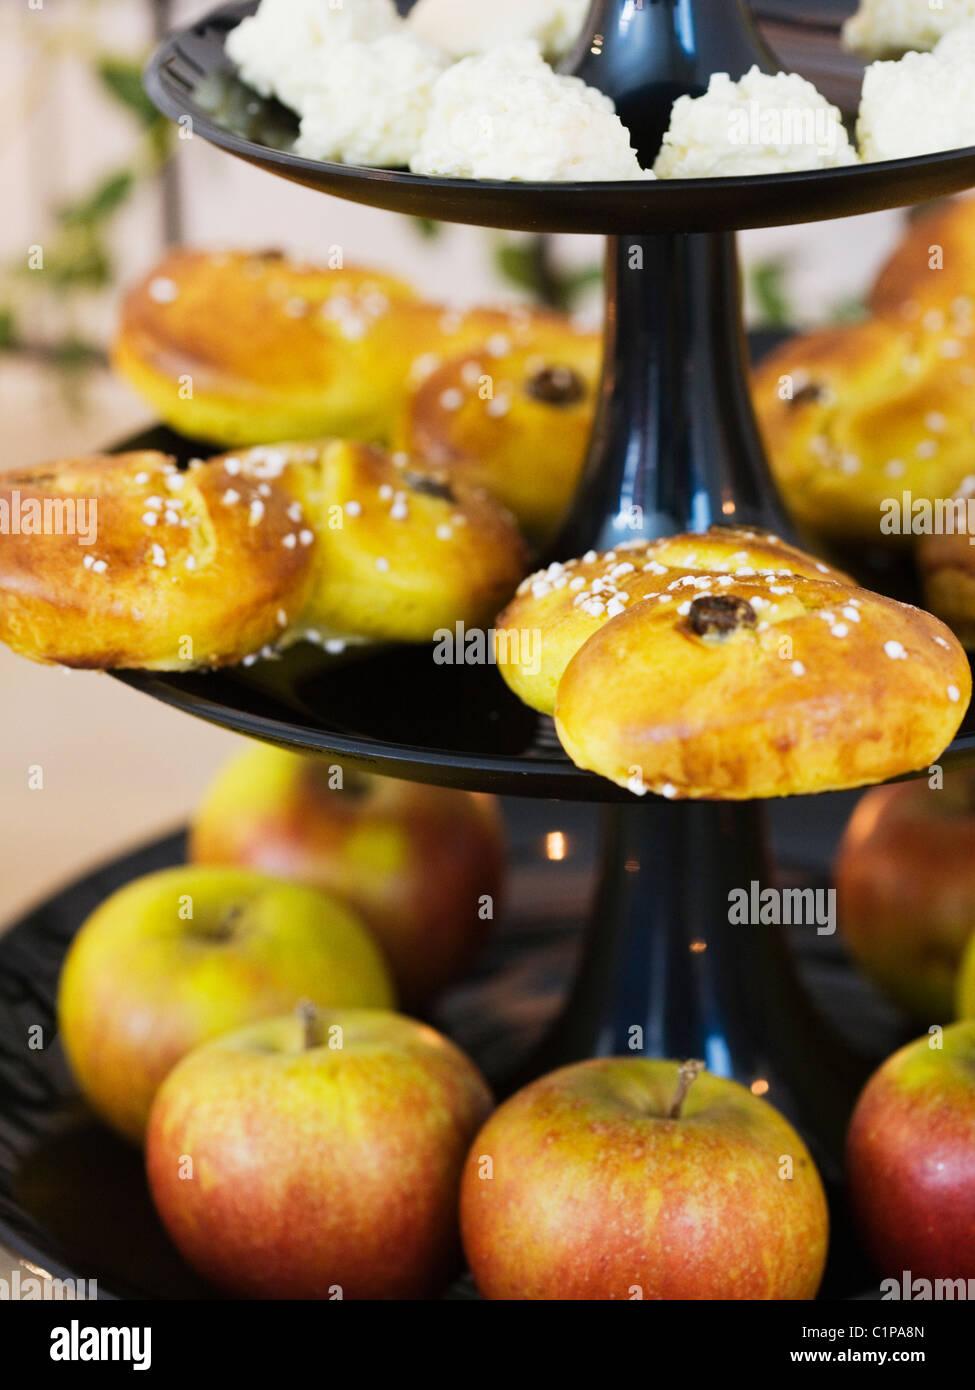 Äpfel und Safran Brötchen auf Cakestand, Nahaufnahme Stockbild